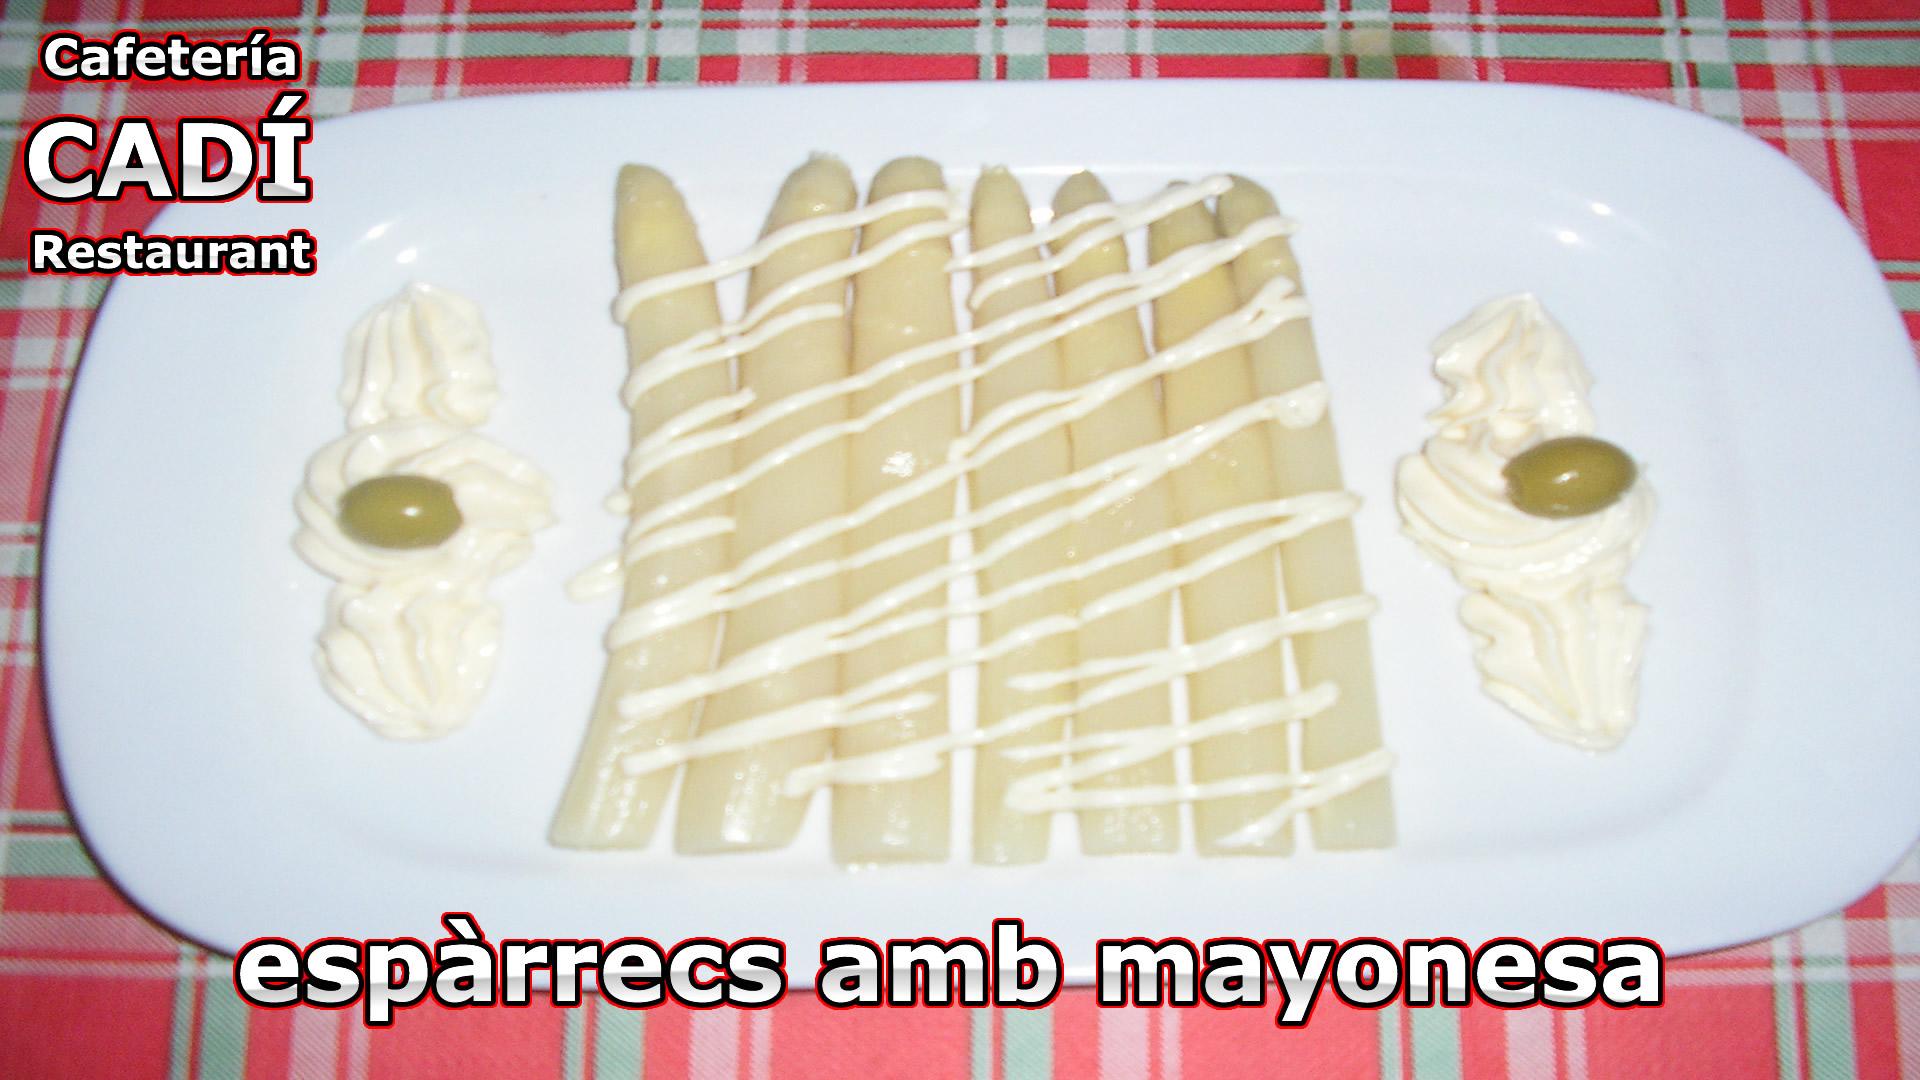 espàrrecs amb mayonesa